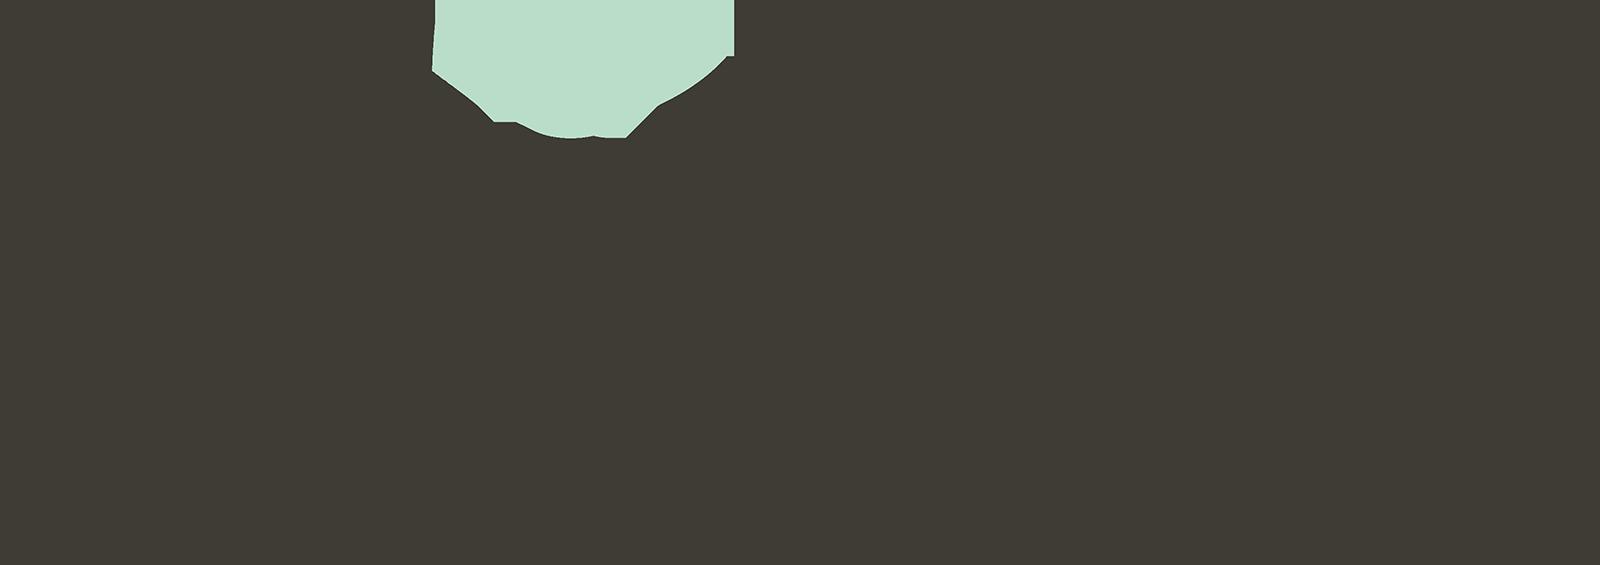 Fringel_Logopng